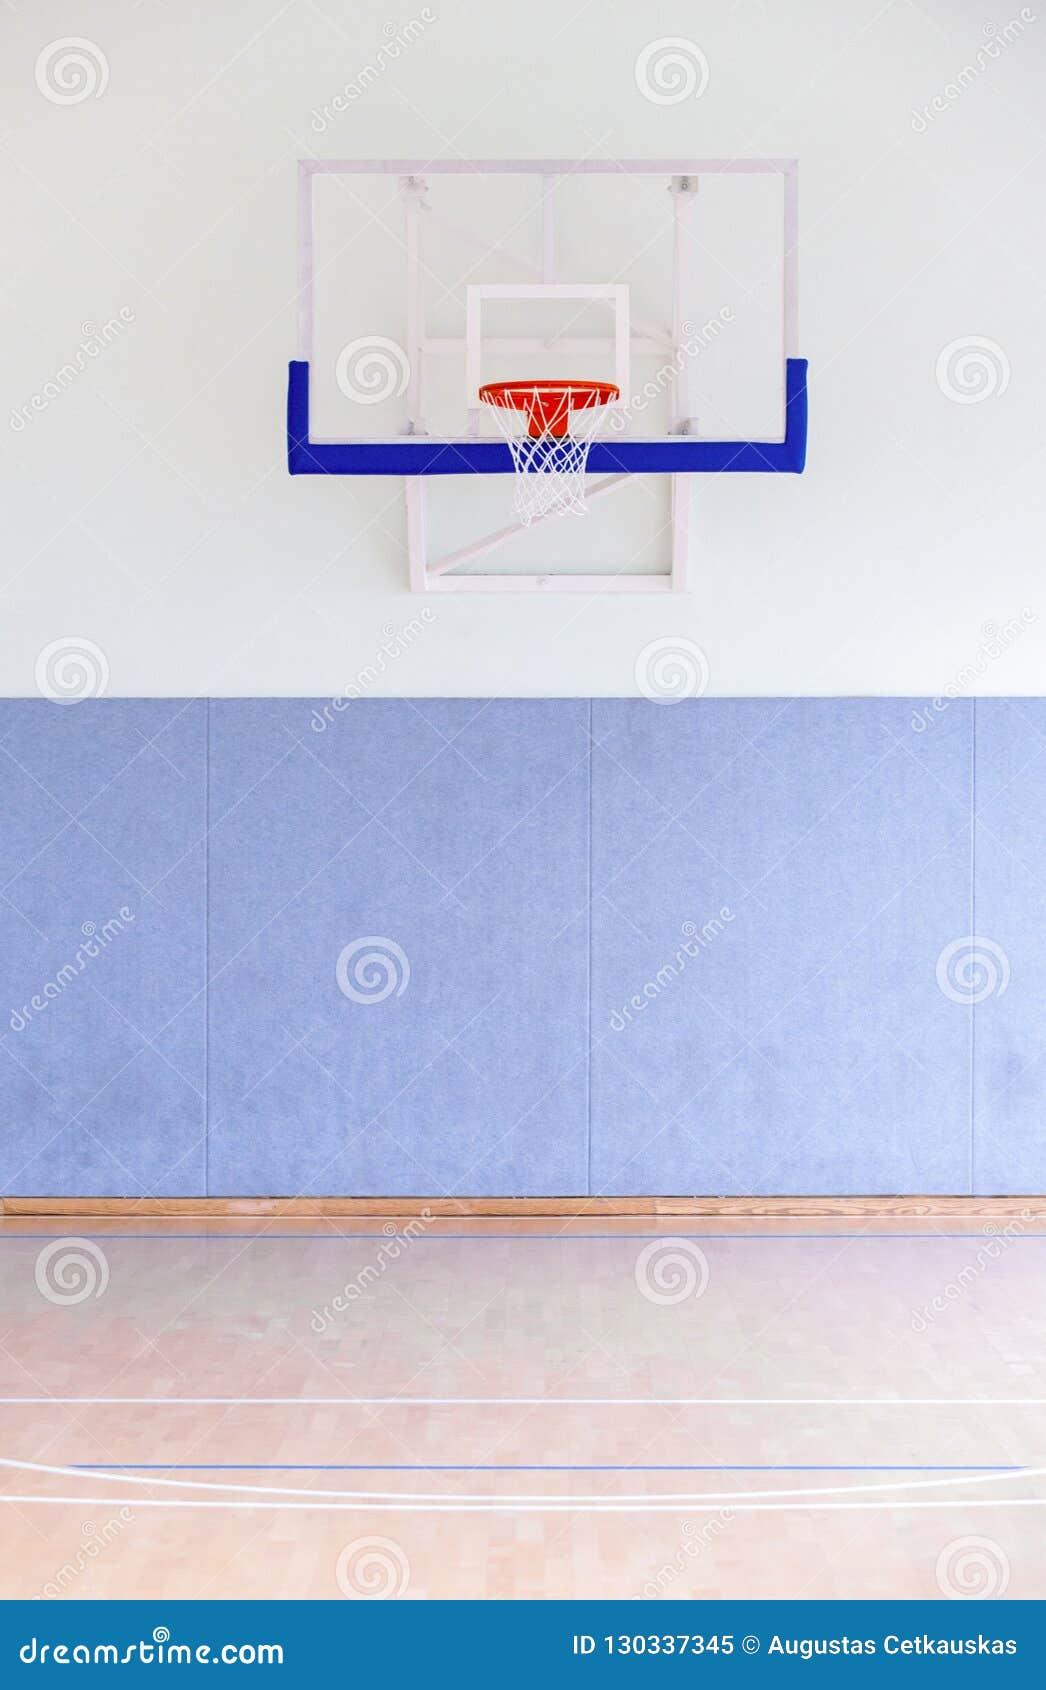 Gaiola da aro de basquetebol, grande close up isolado do encosto, outd novo